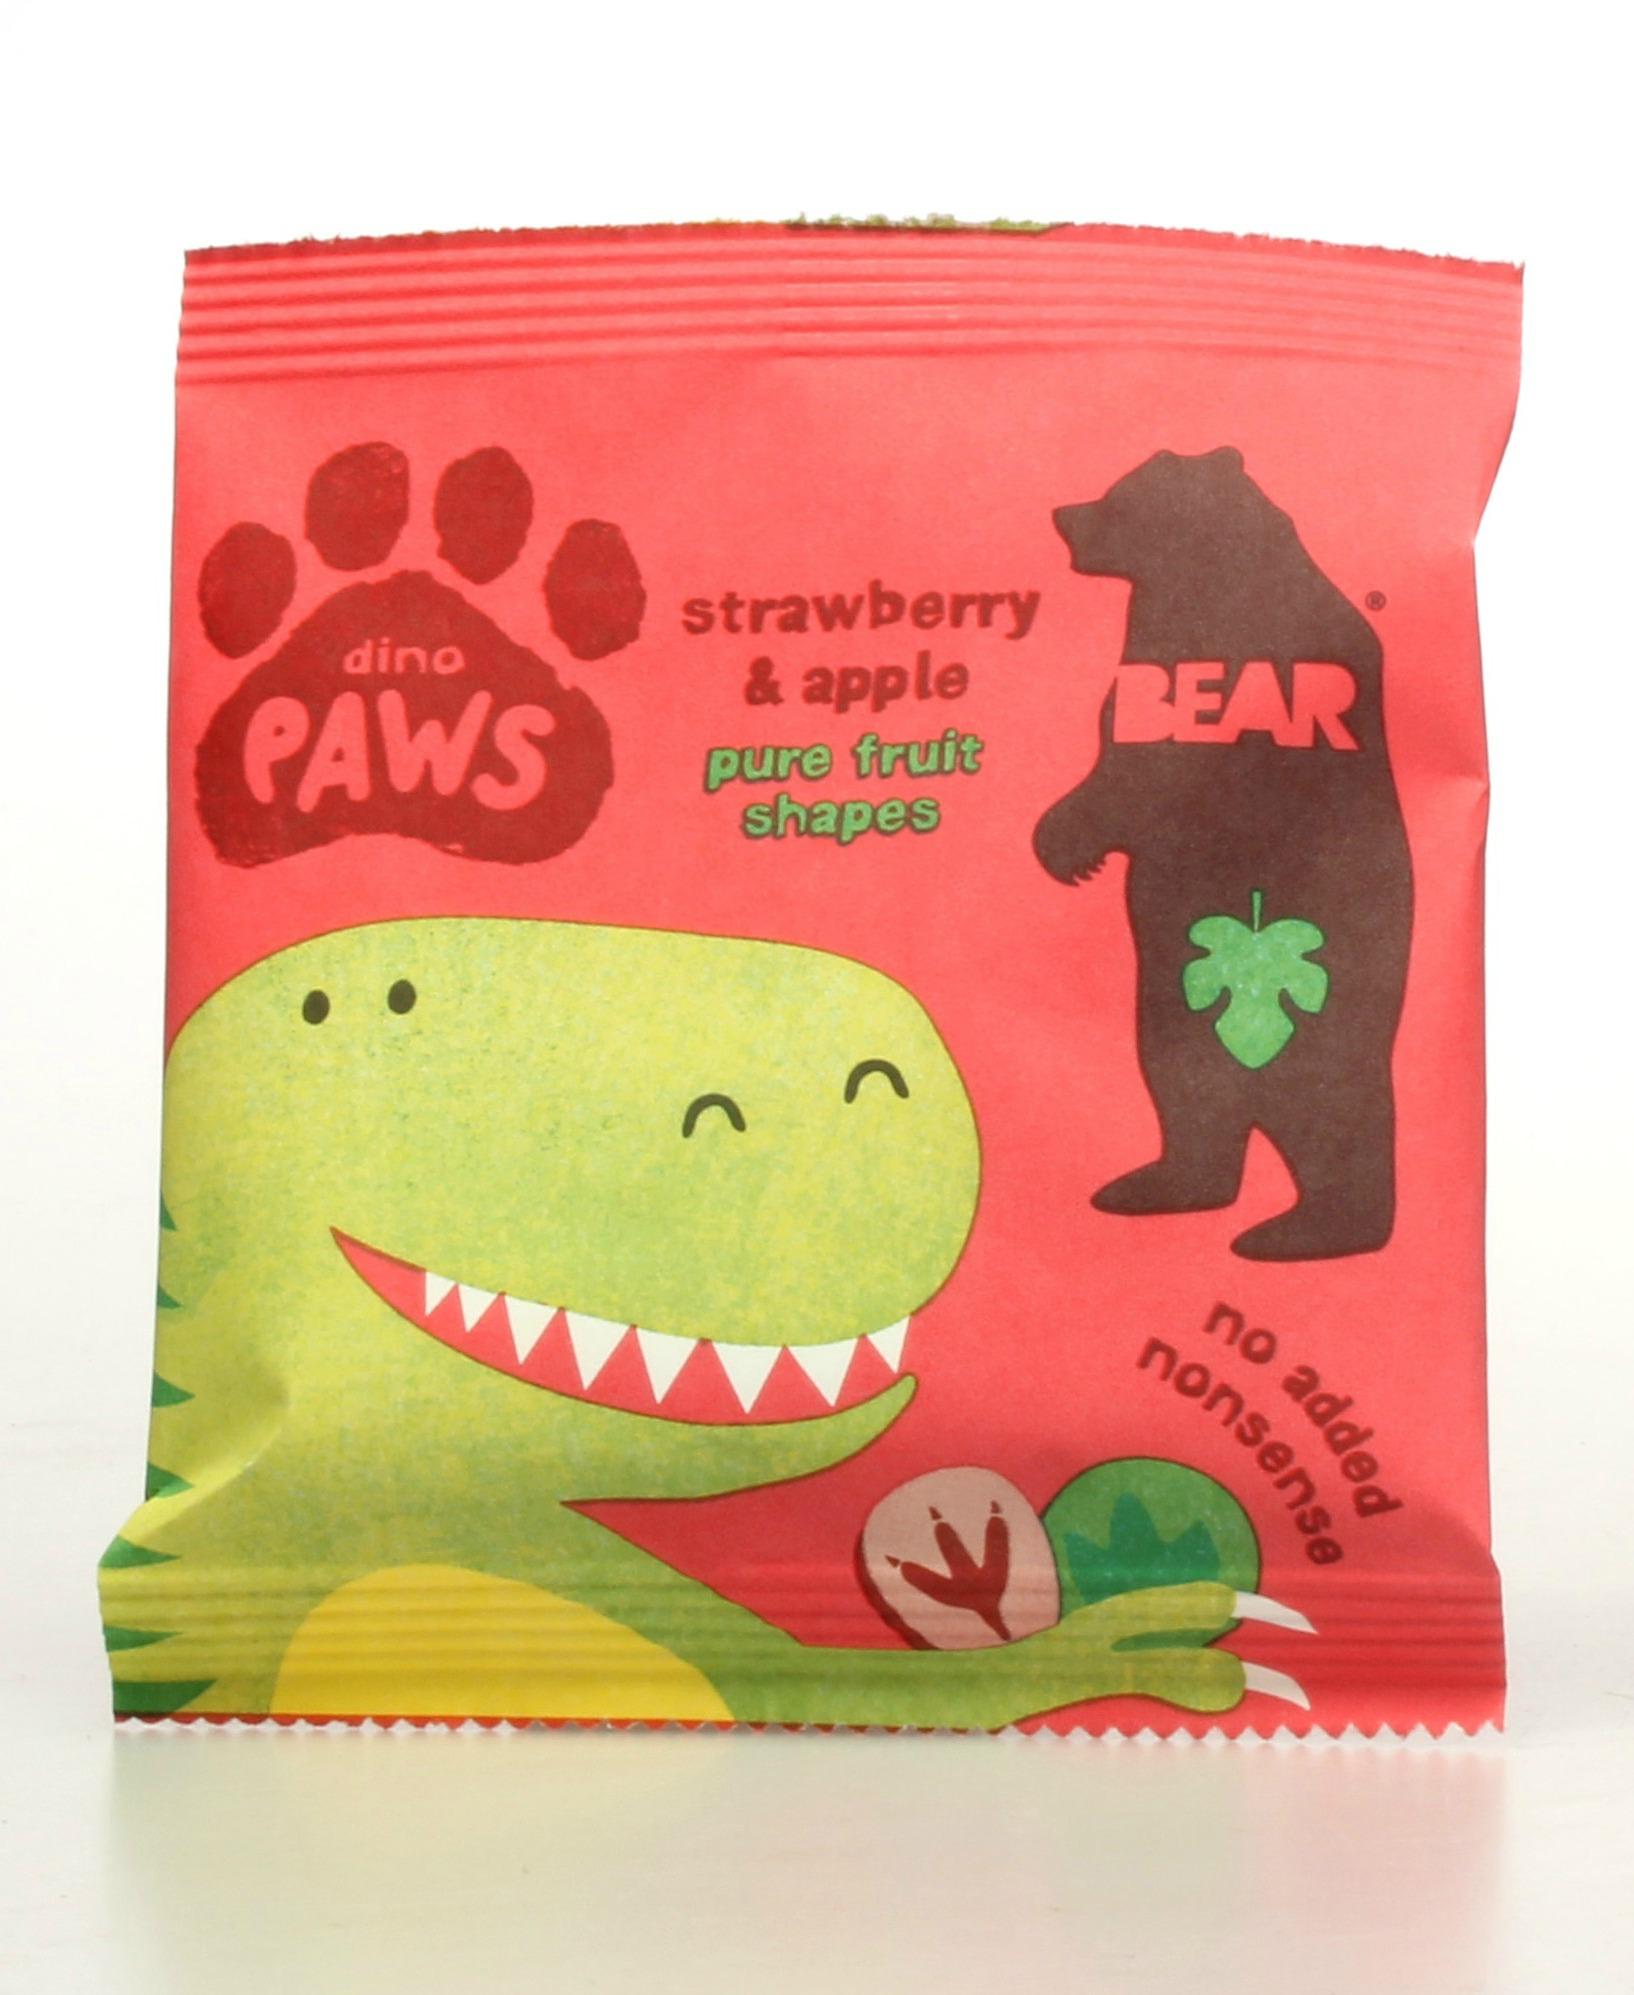 paws-godis